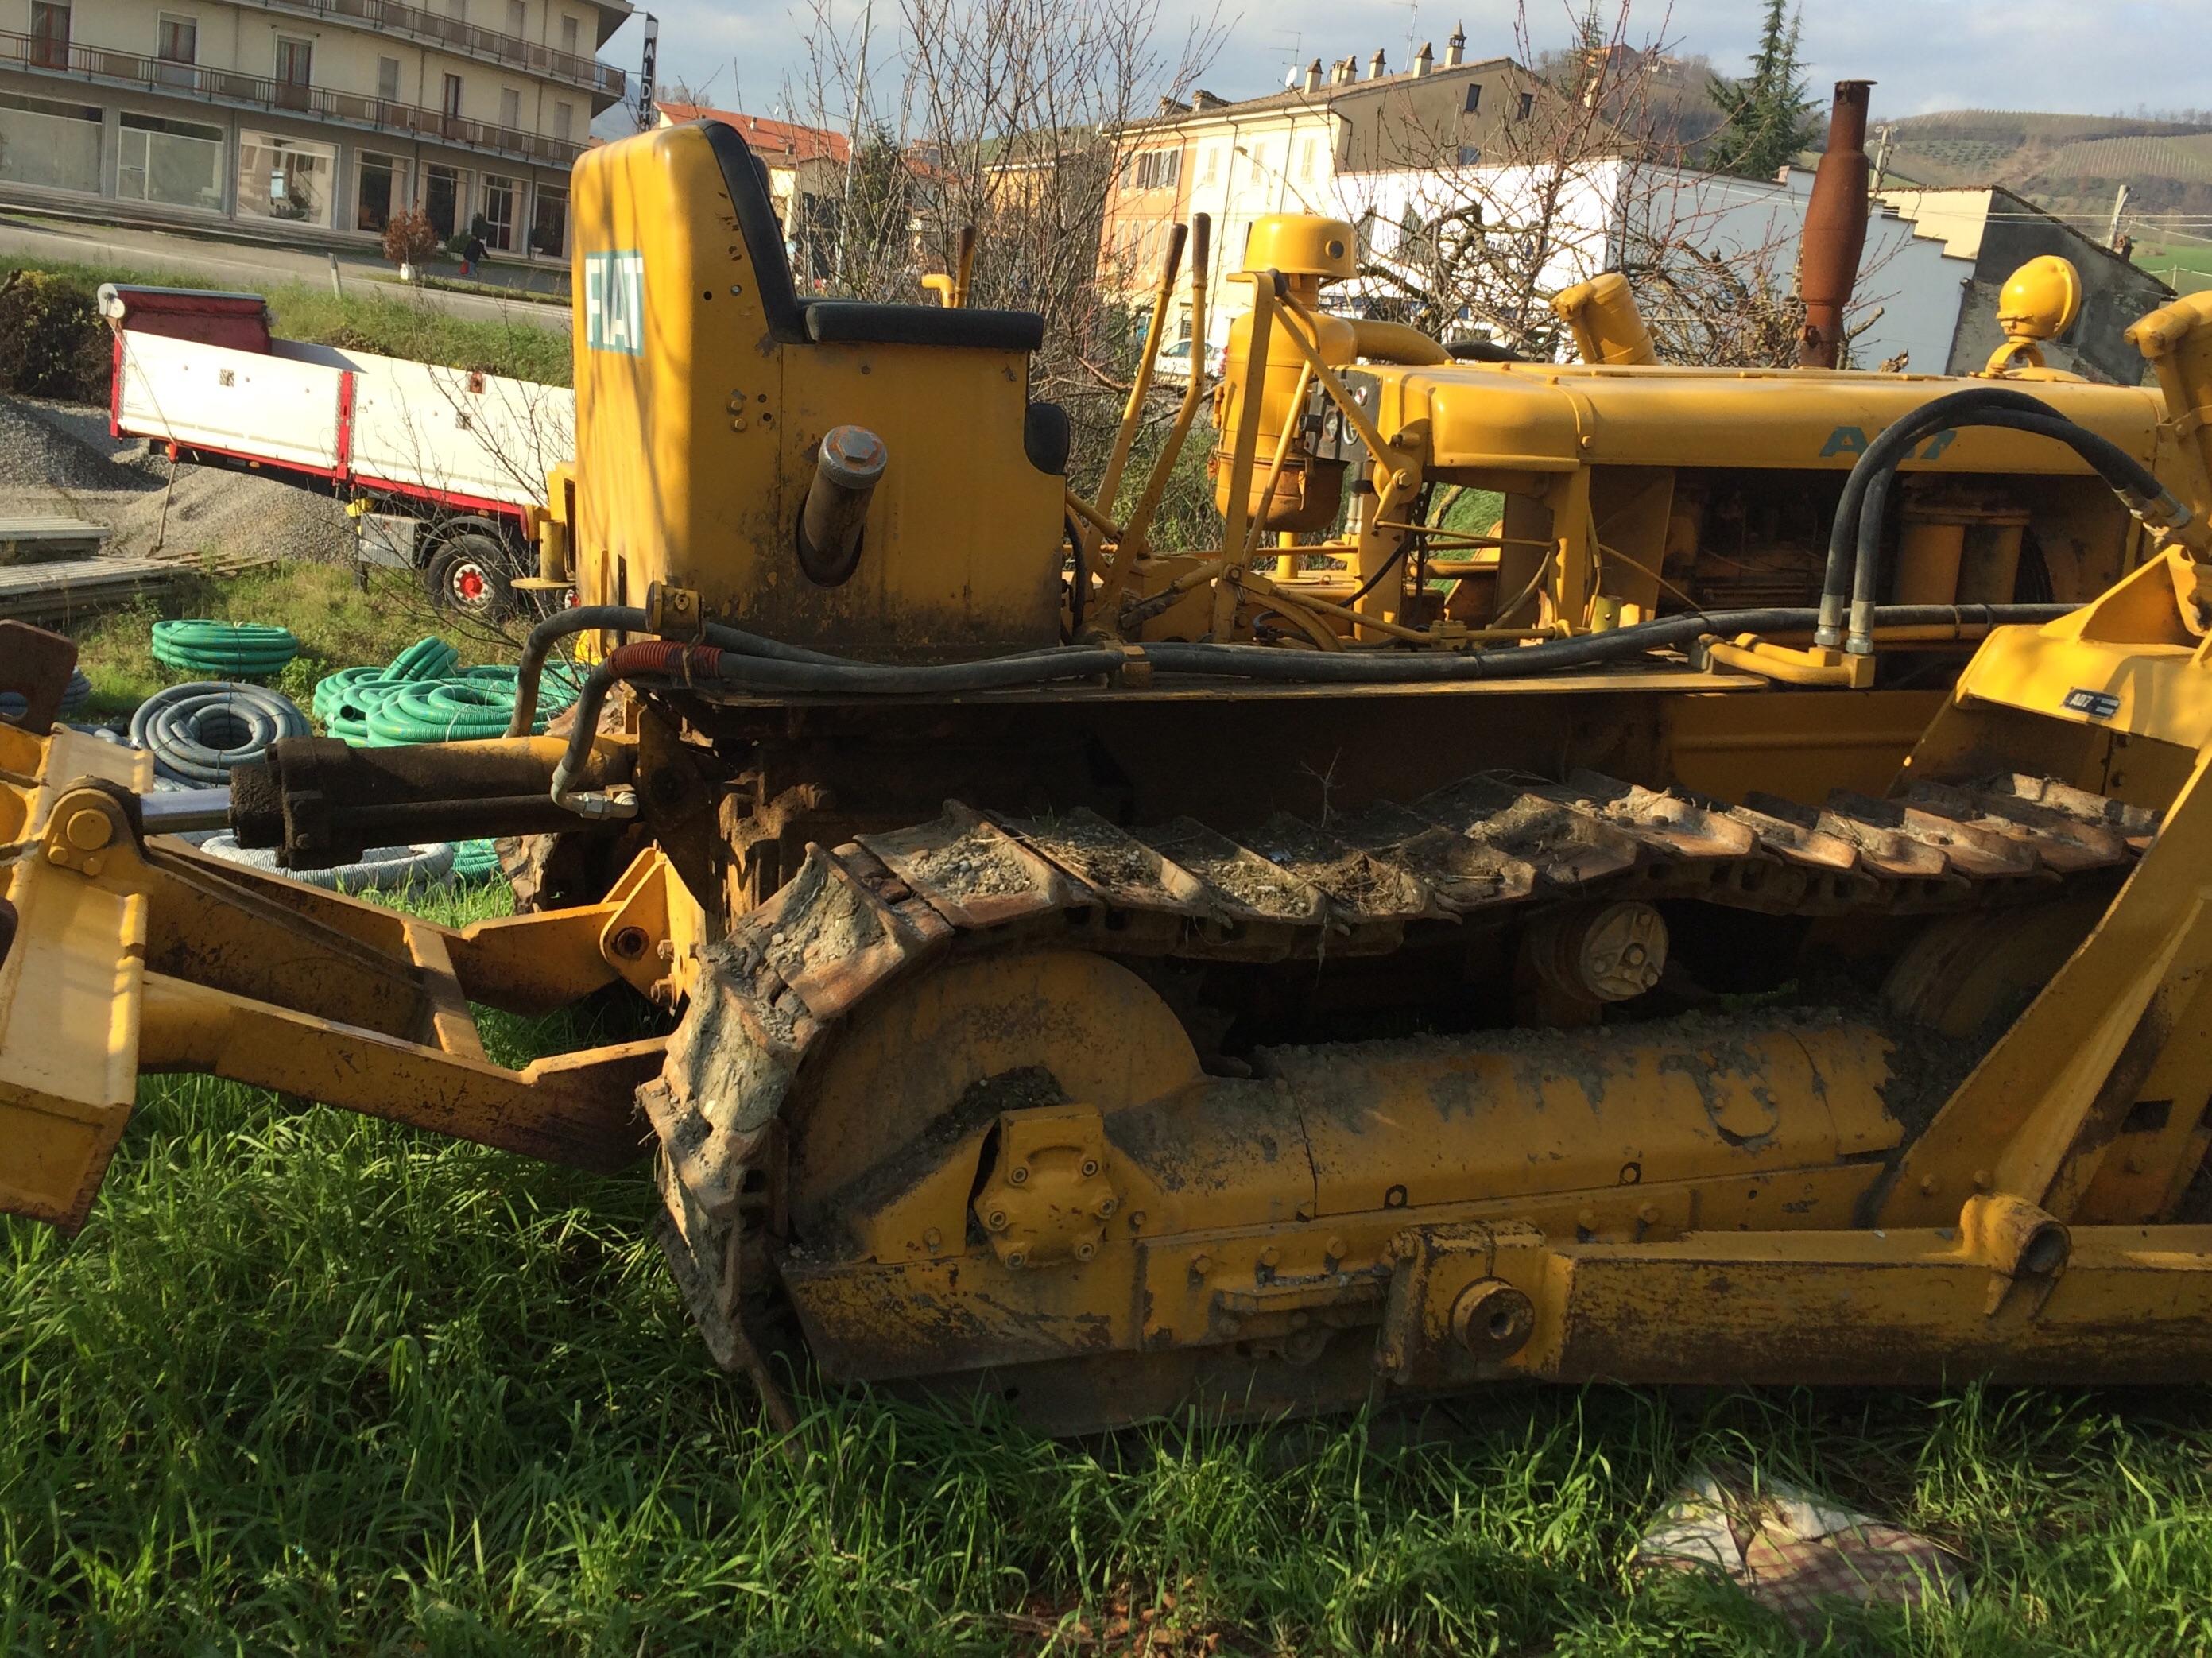 trattori usati occasioni > photo gallery > macchine agricole bollati